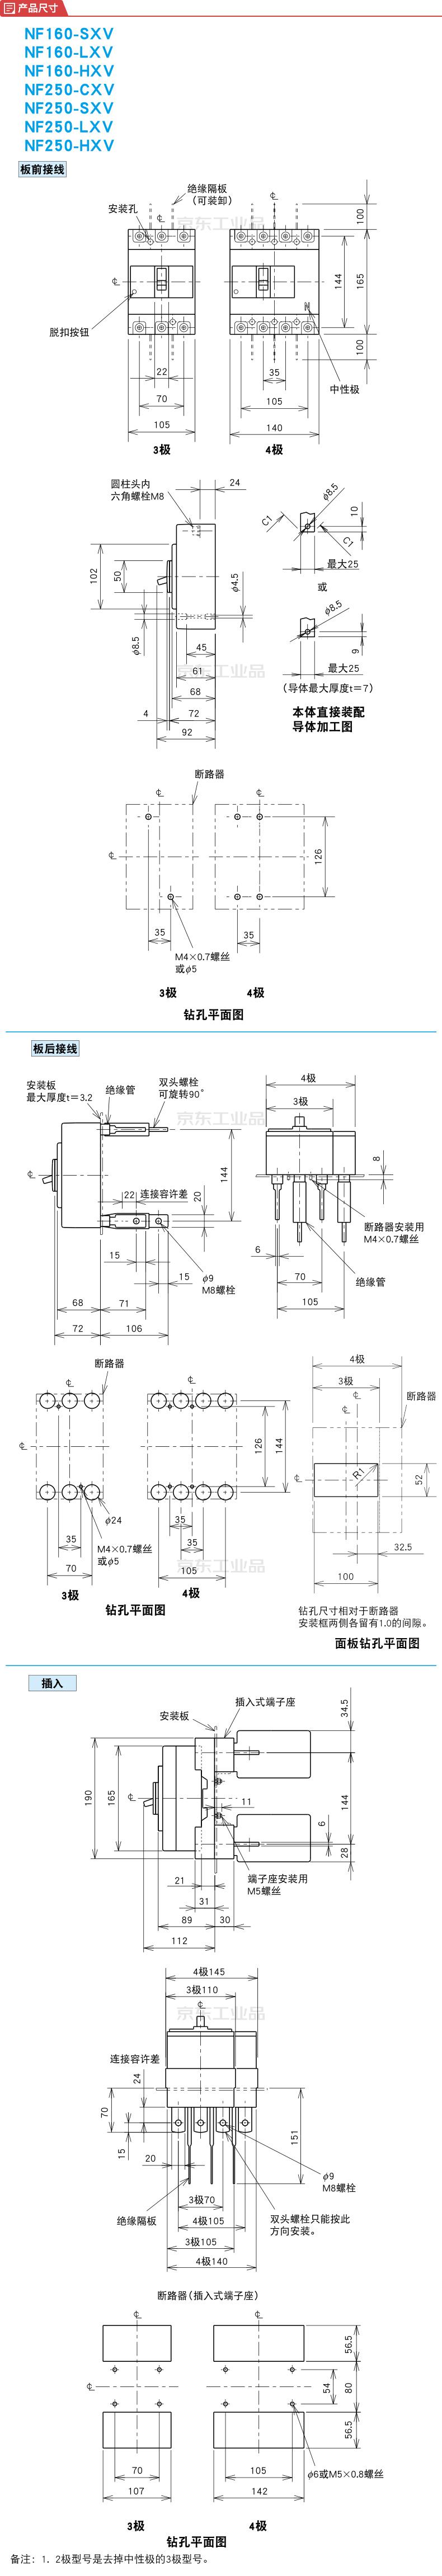 电路 电路图 电子 原理图 790_4606 竖版 竖屏